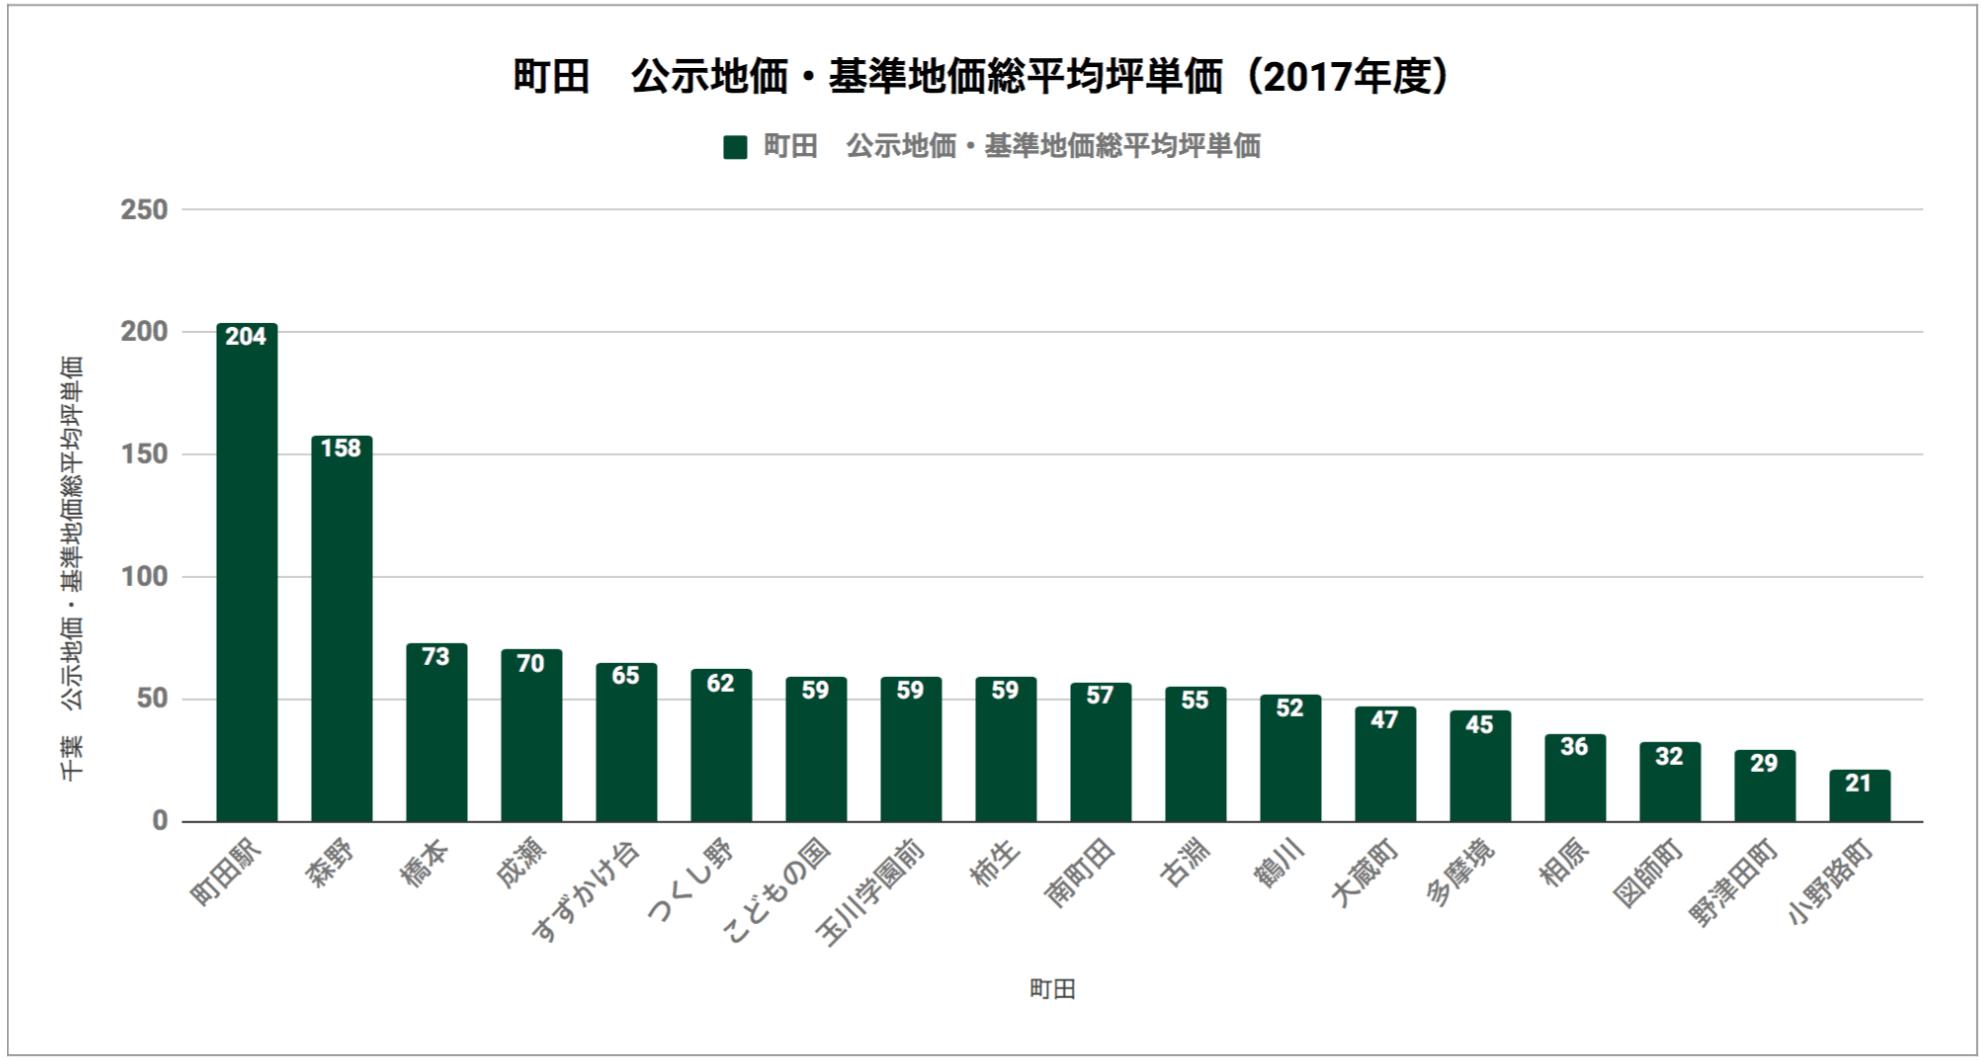 町田「公示地価・基準地価総平均坪単価(2017年度)」